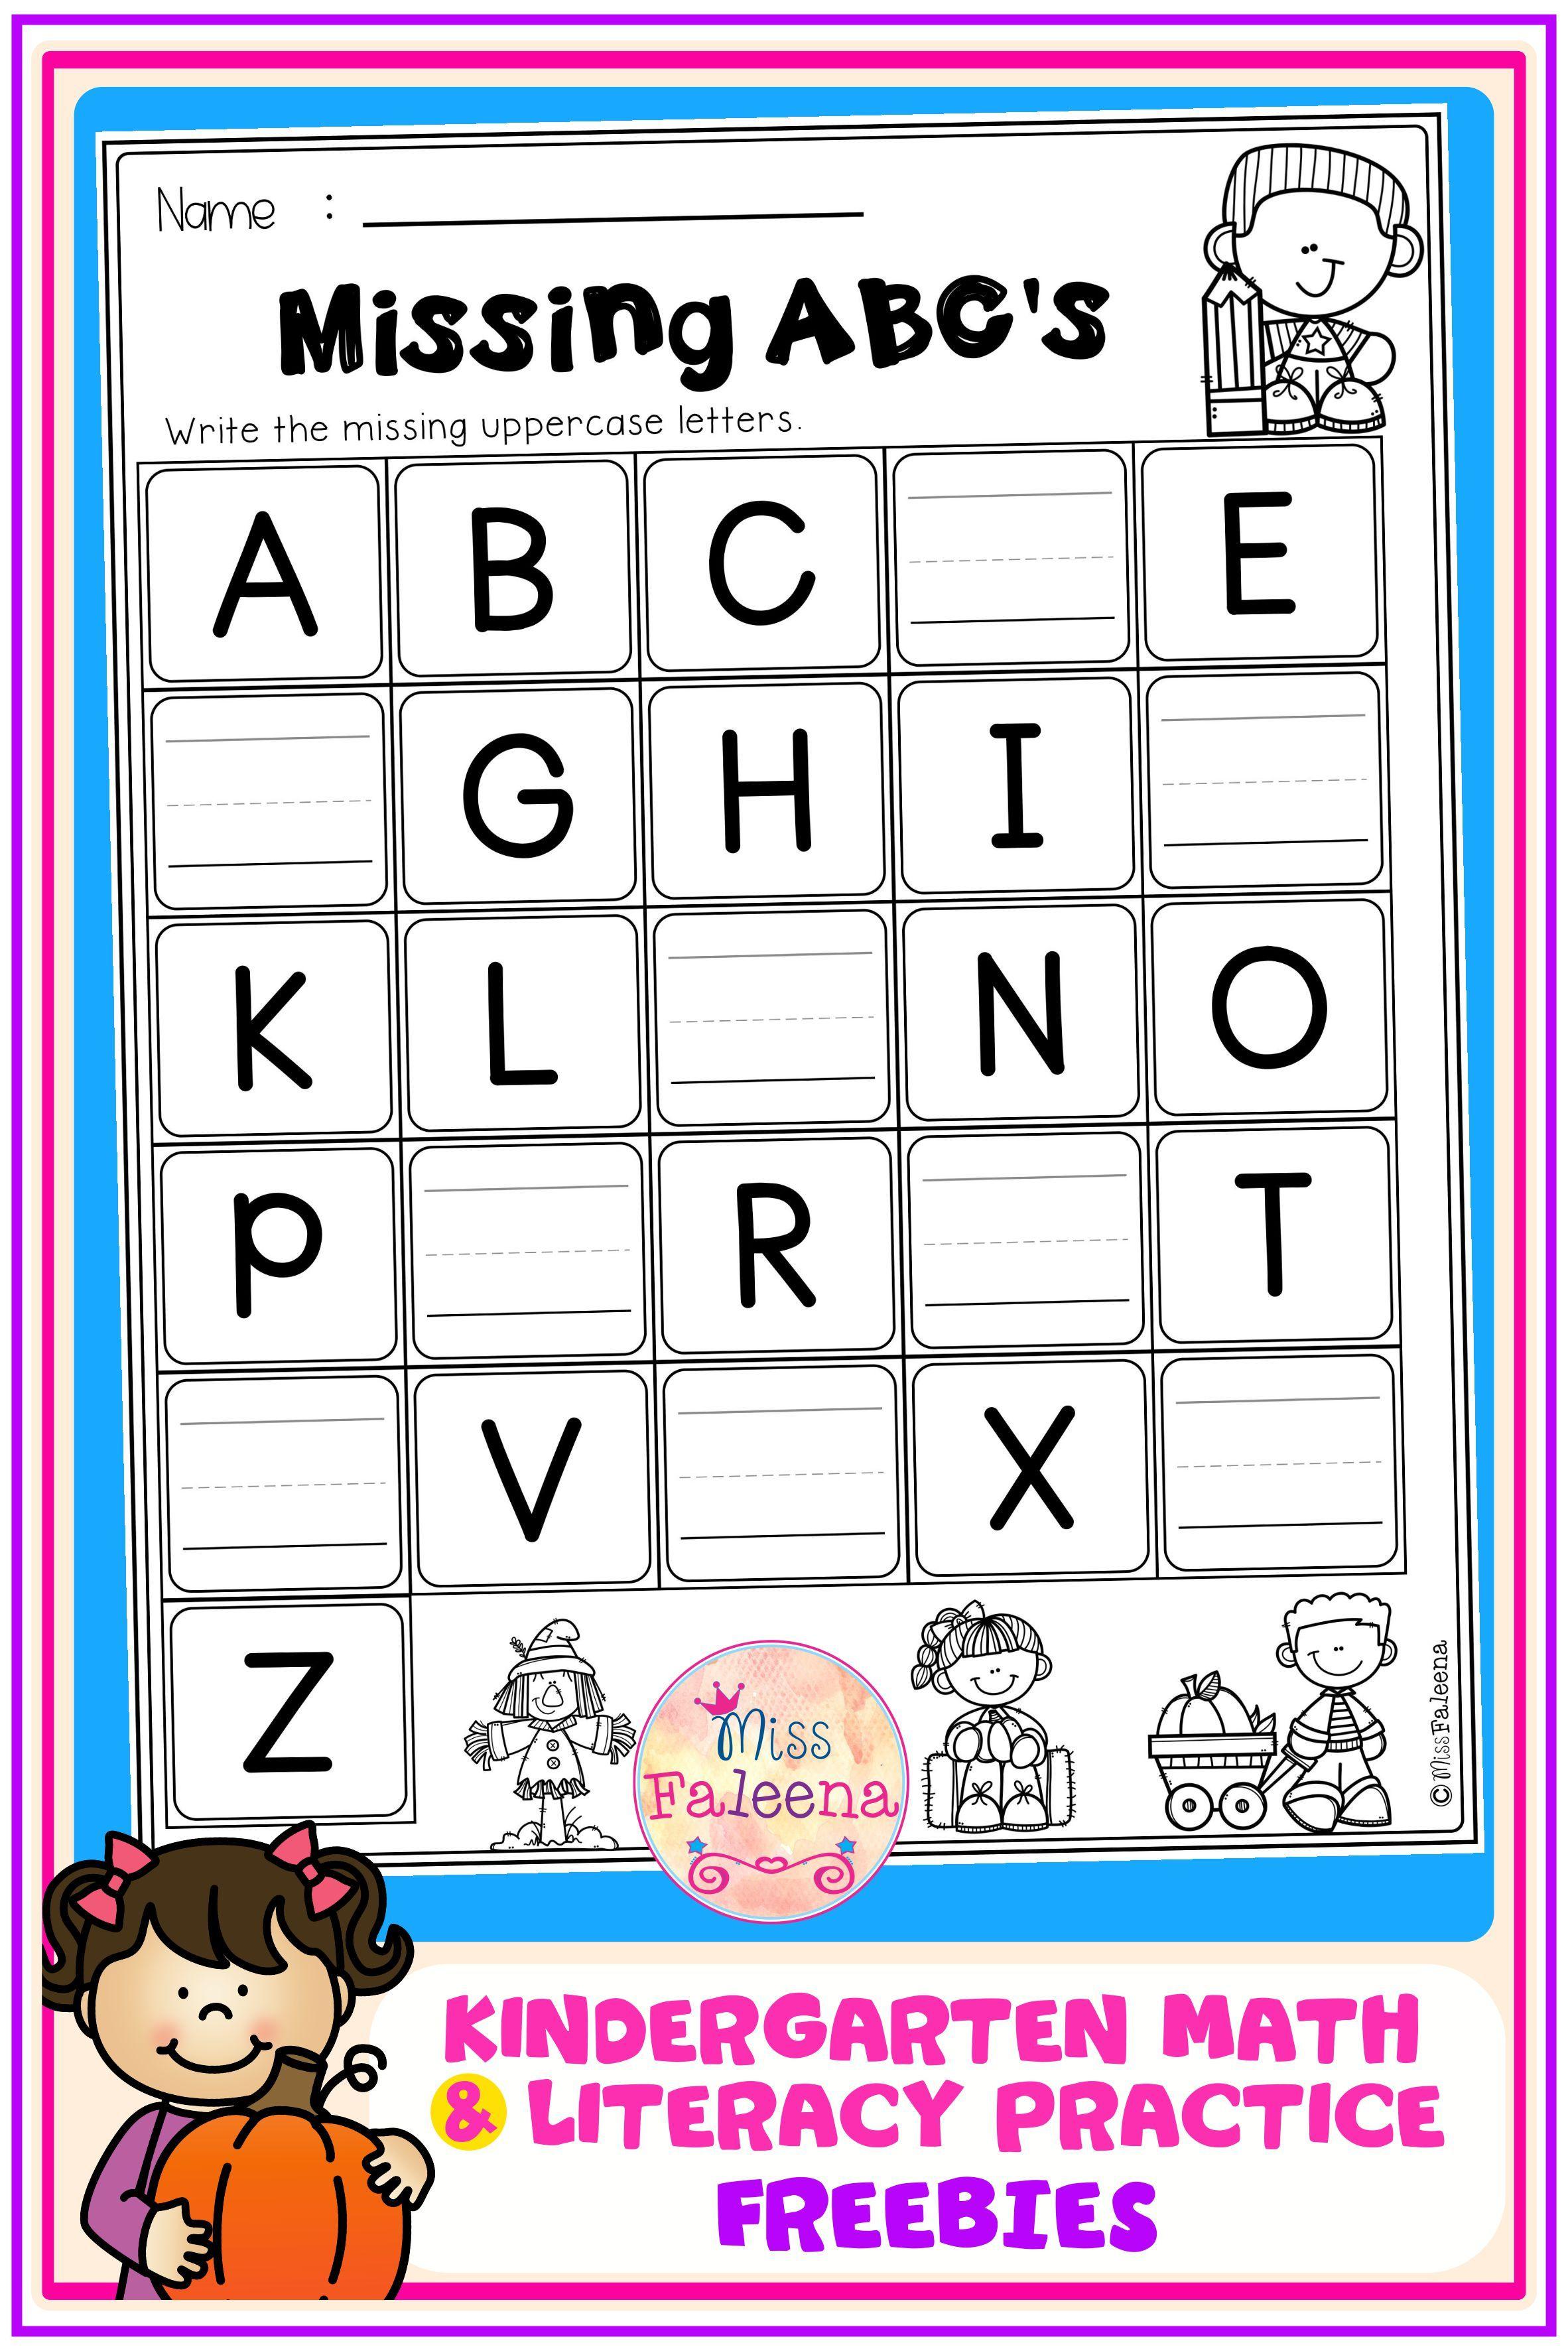 Free Kindergarten Math And Literacy Practice Literacy Practice Kindergarten Math Free Literacy Homework [ 3544 x 2364 Pixel ]